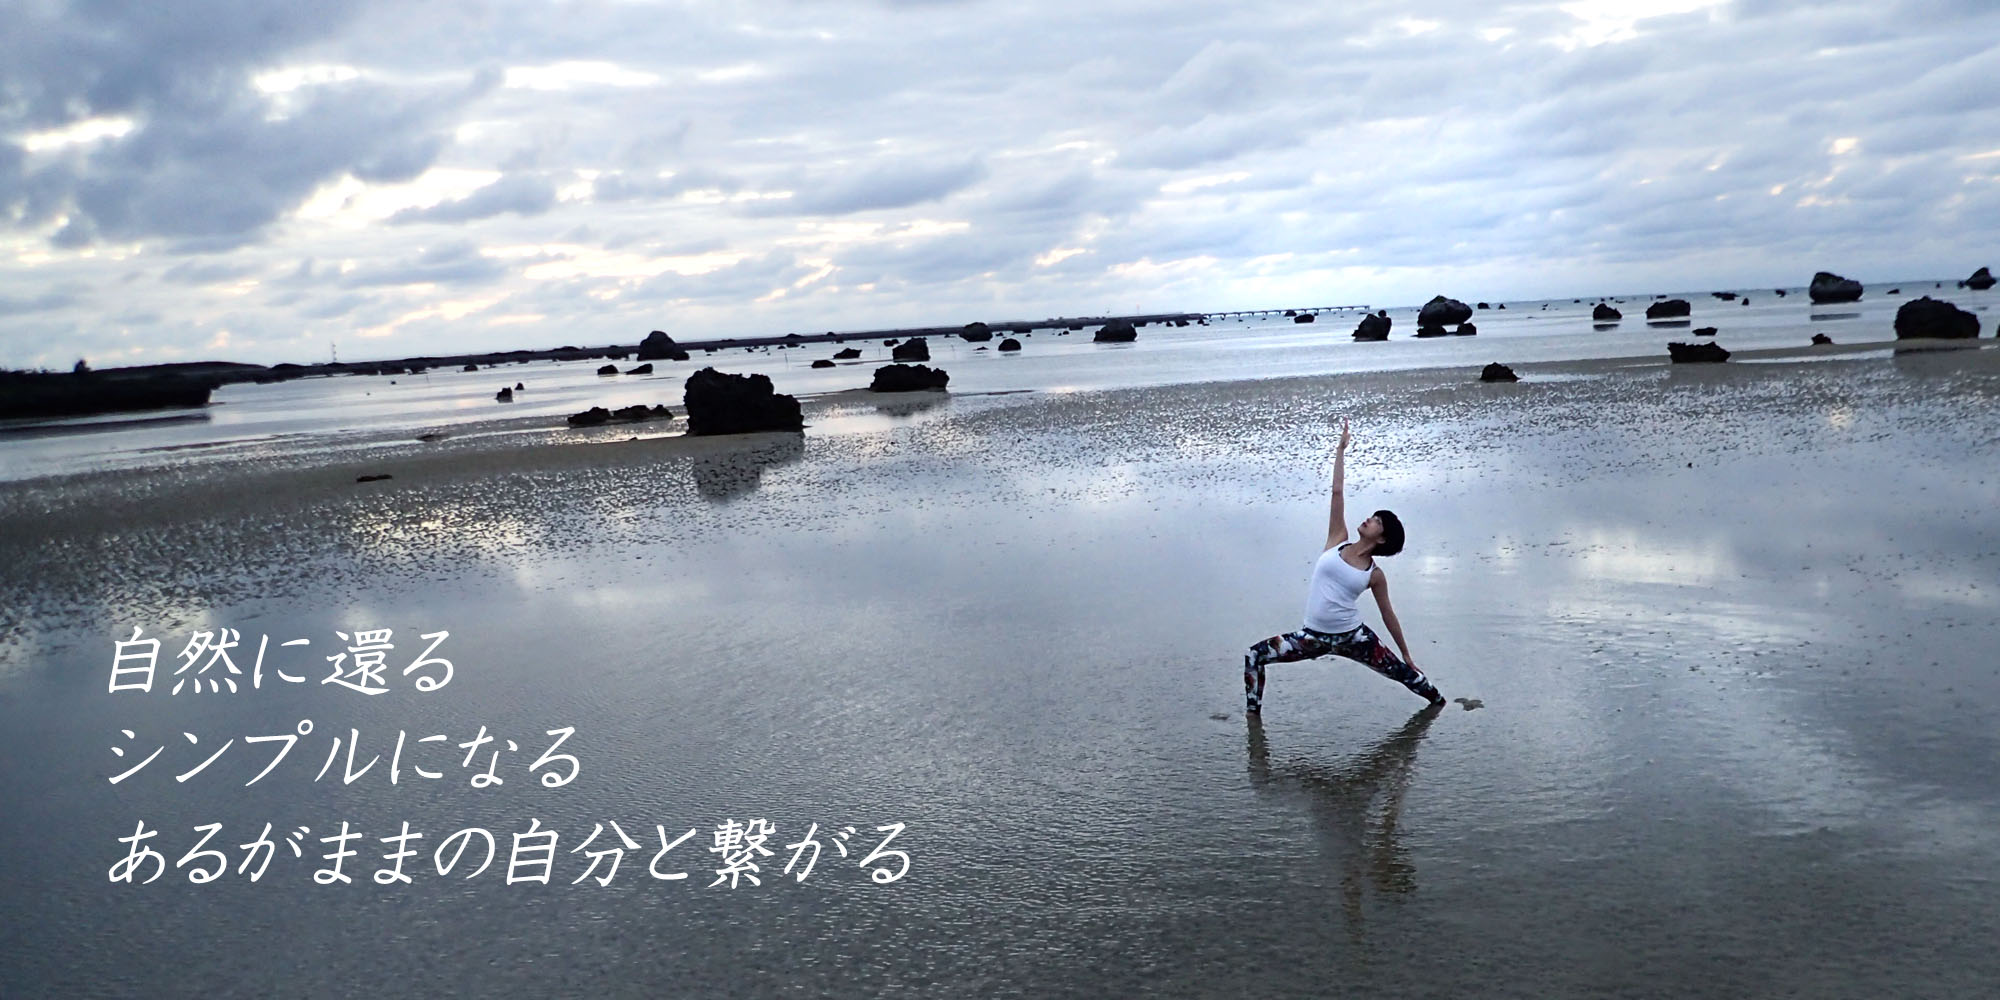 ヨガインストラクター鈴木伸枝のオフィシャルサイト Nobuestyle